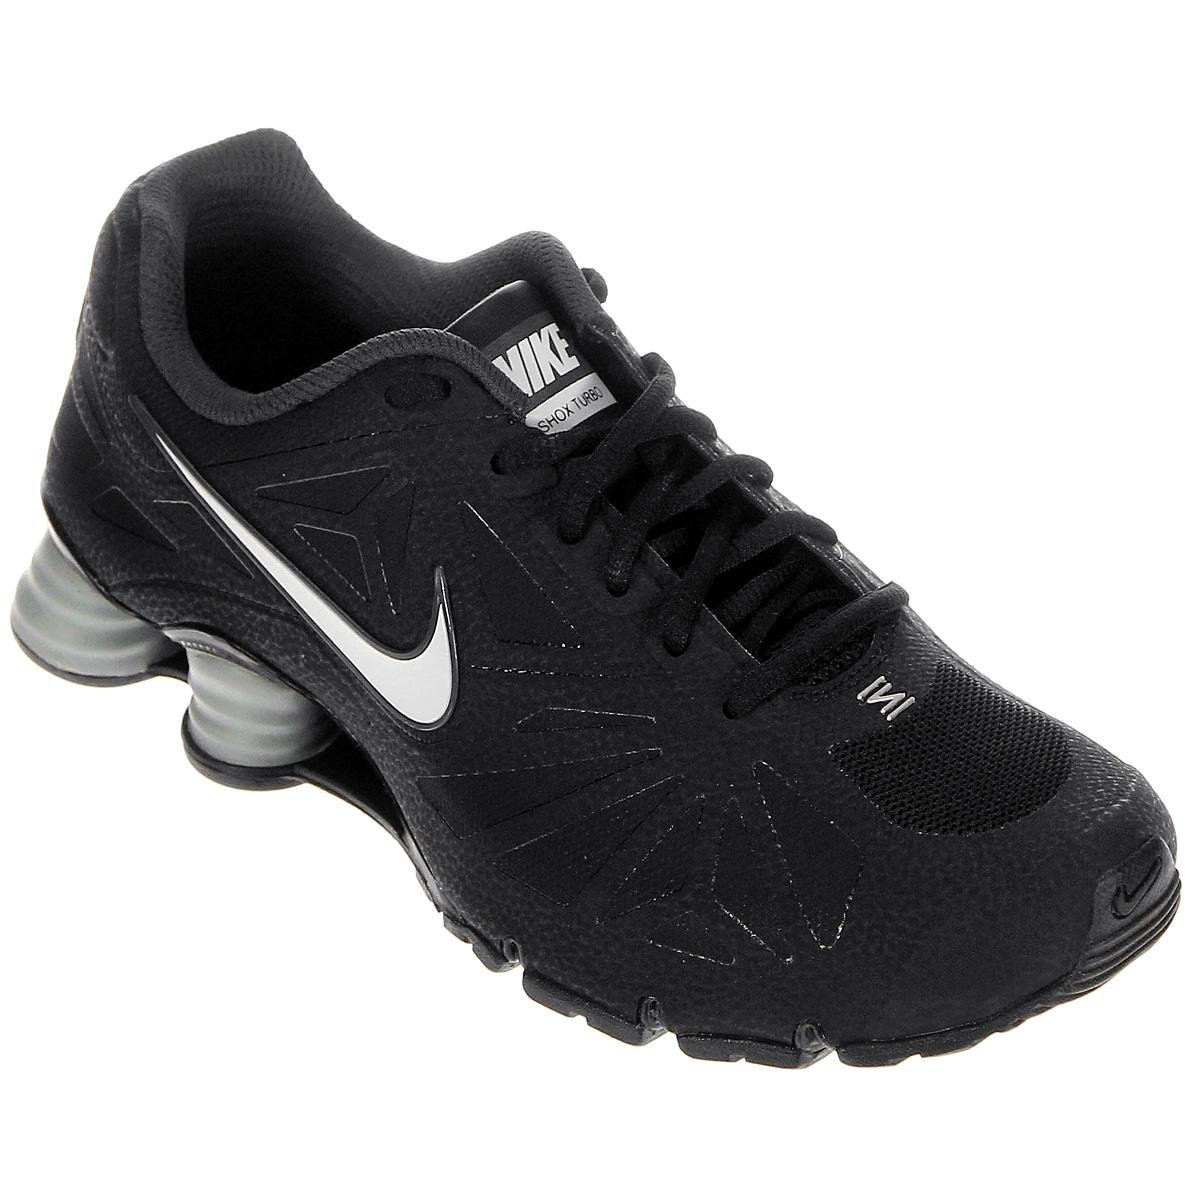 Nike Yeti Shoes